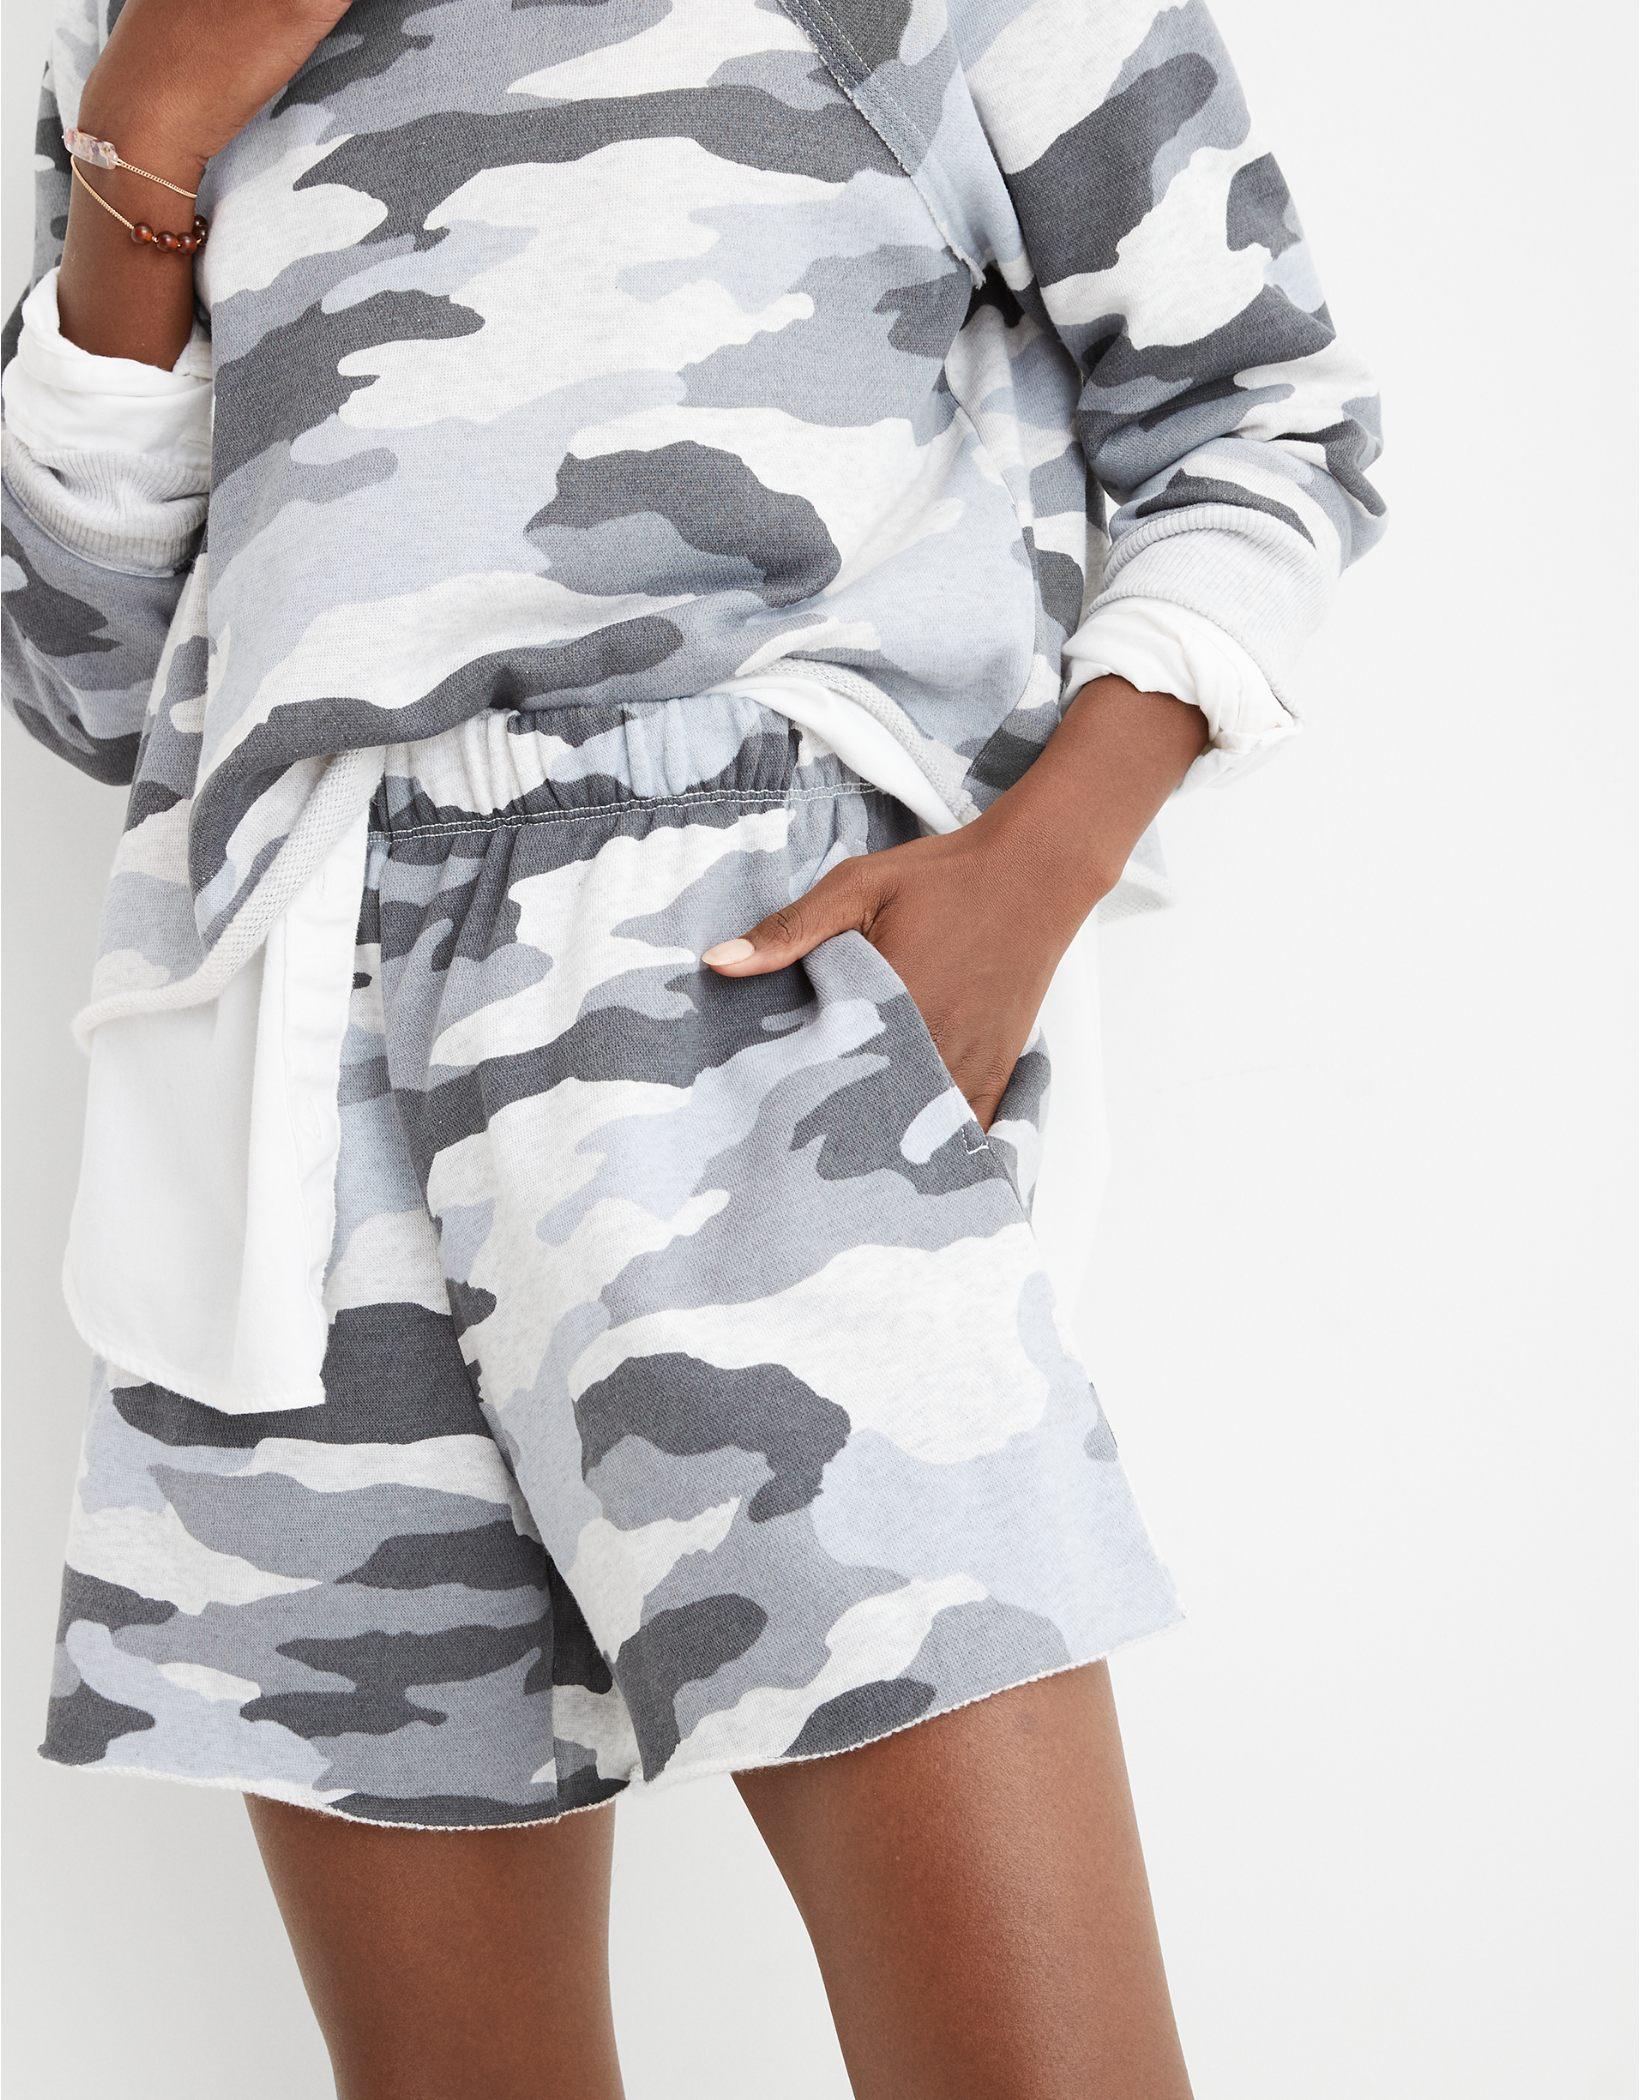 Aerie Fleece-Of-Mind High Waisted Short